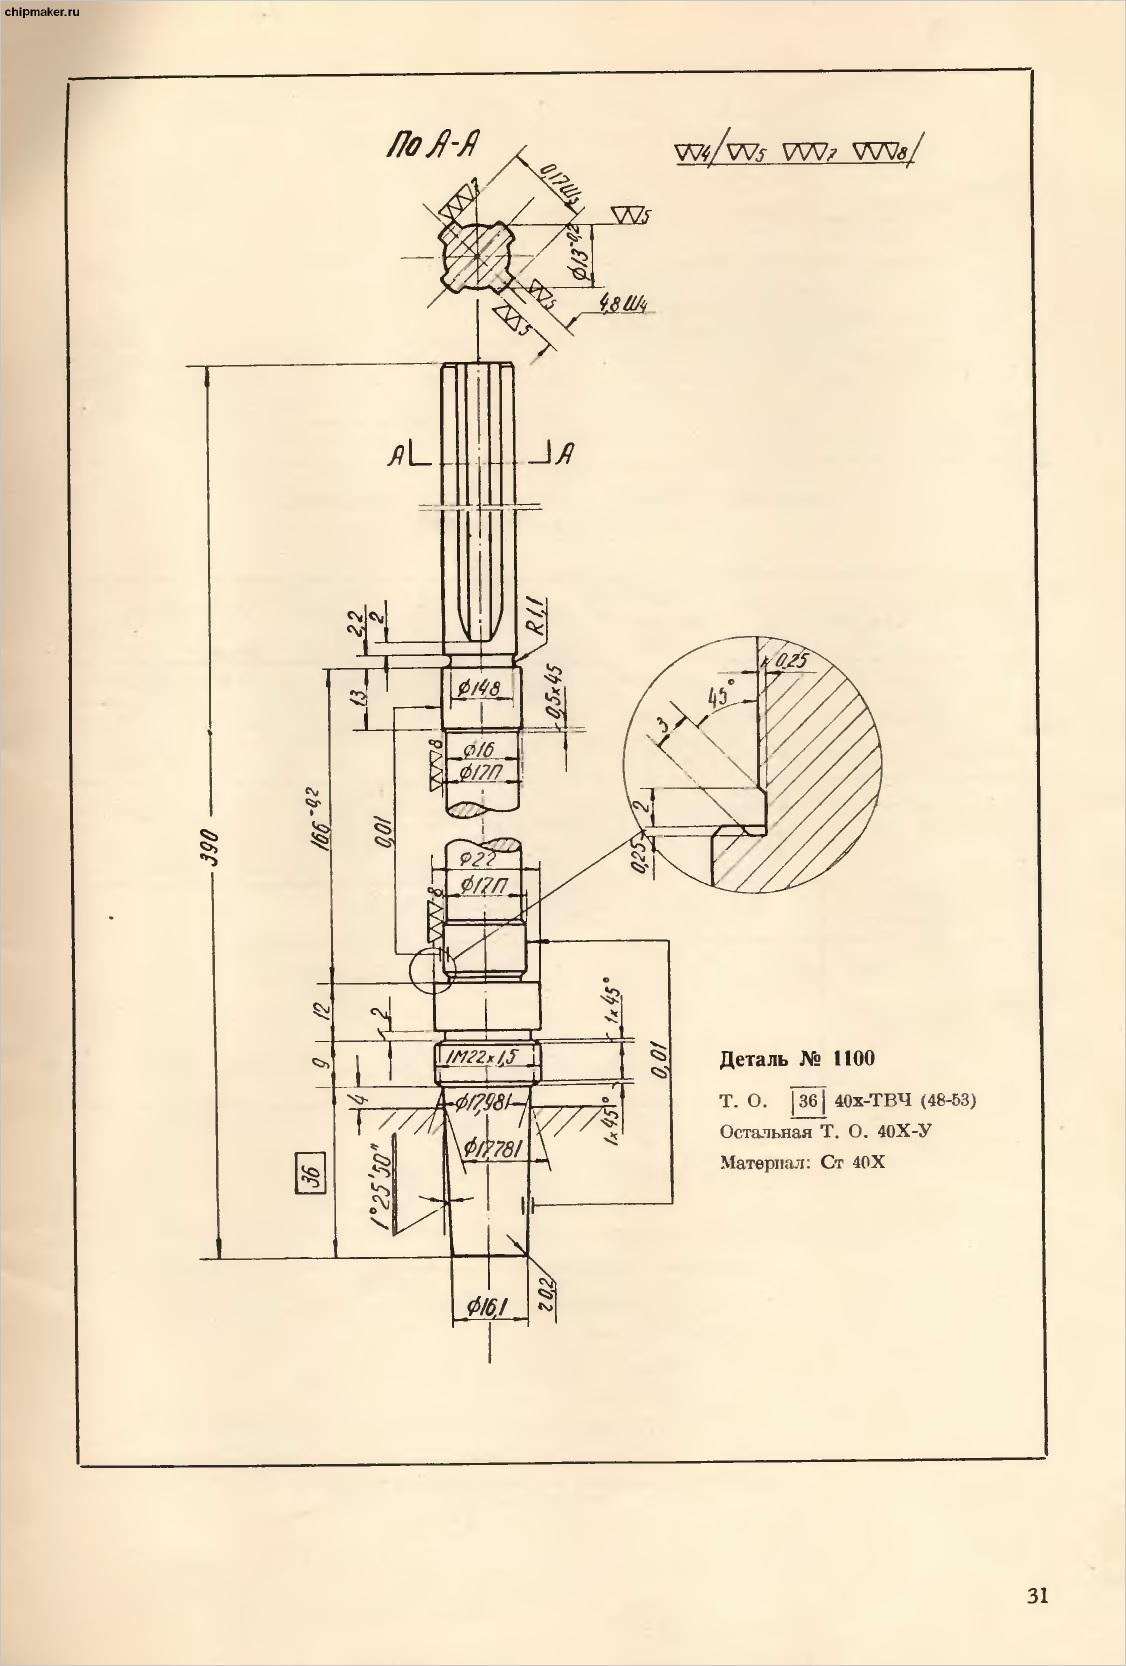 Как сделать шпиндель для сверлильного станка своими руками